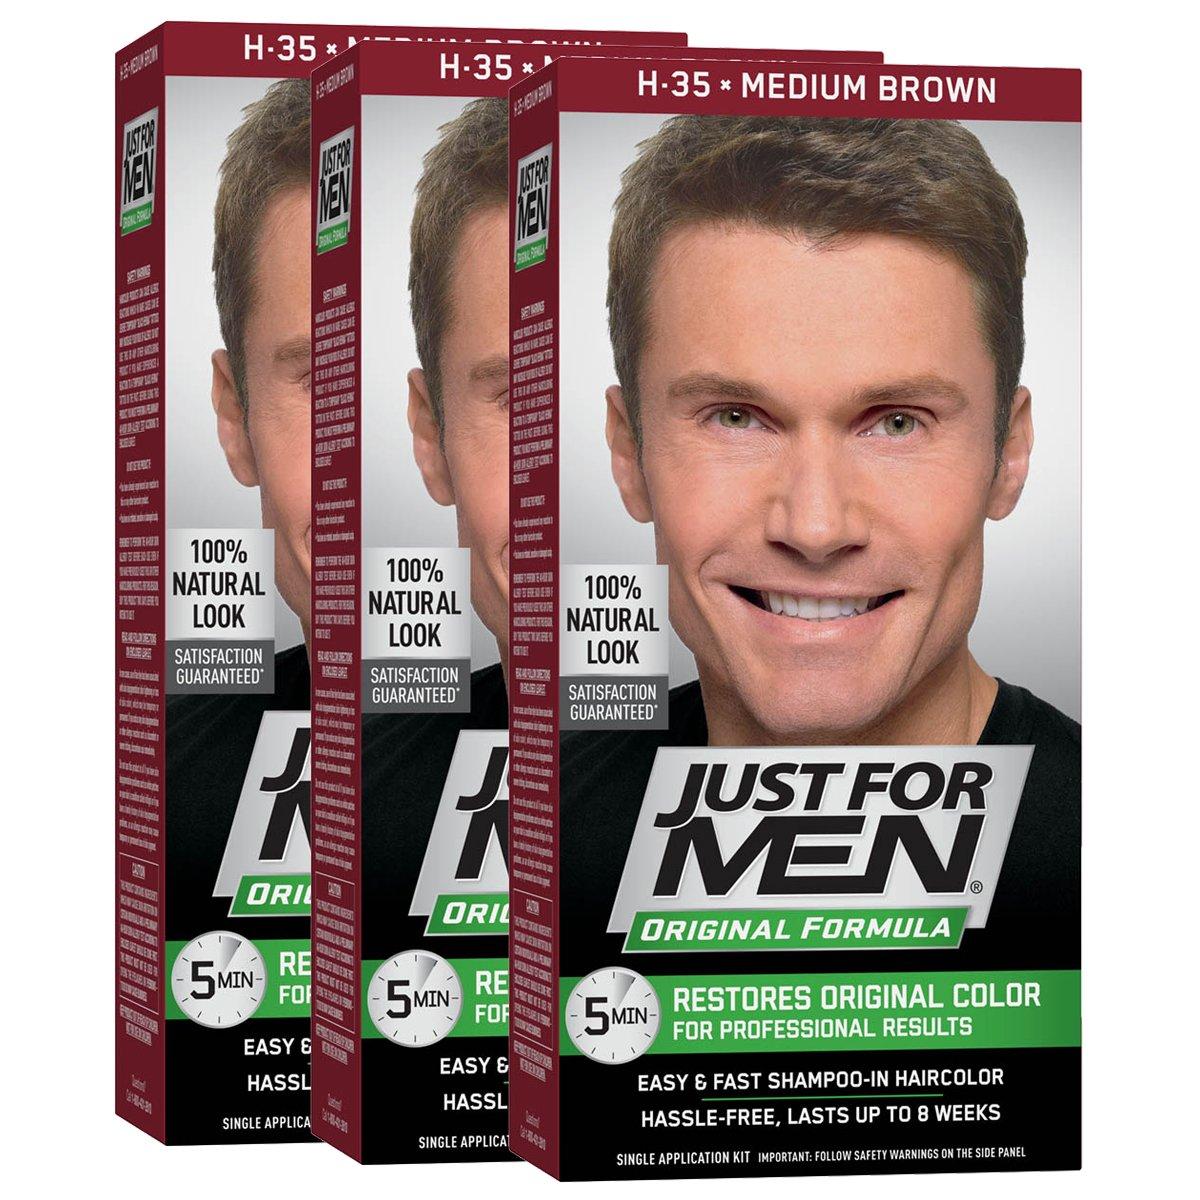 Just For Men Original Formula Men's Hair Color, Medium Brown (Pack of 3)